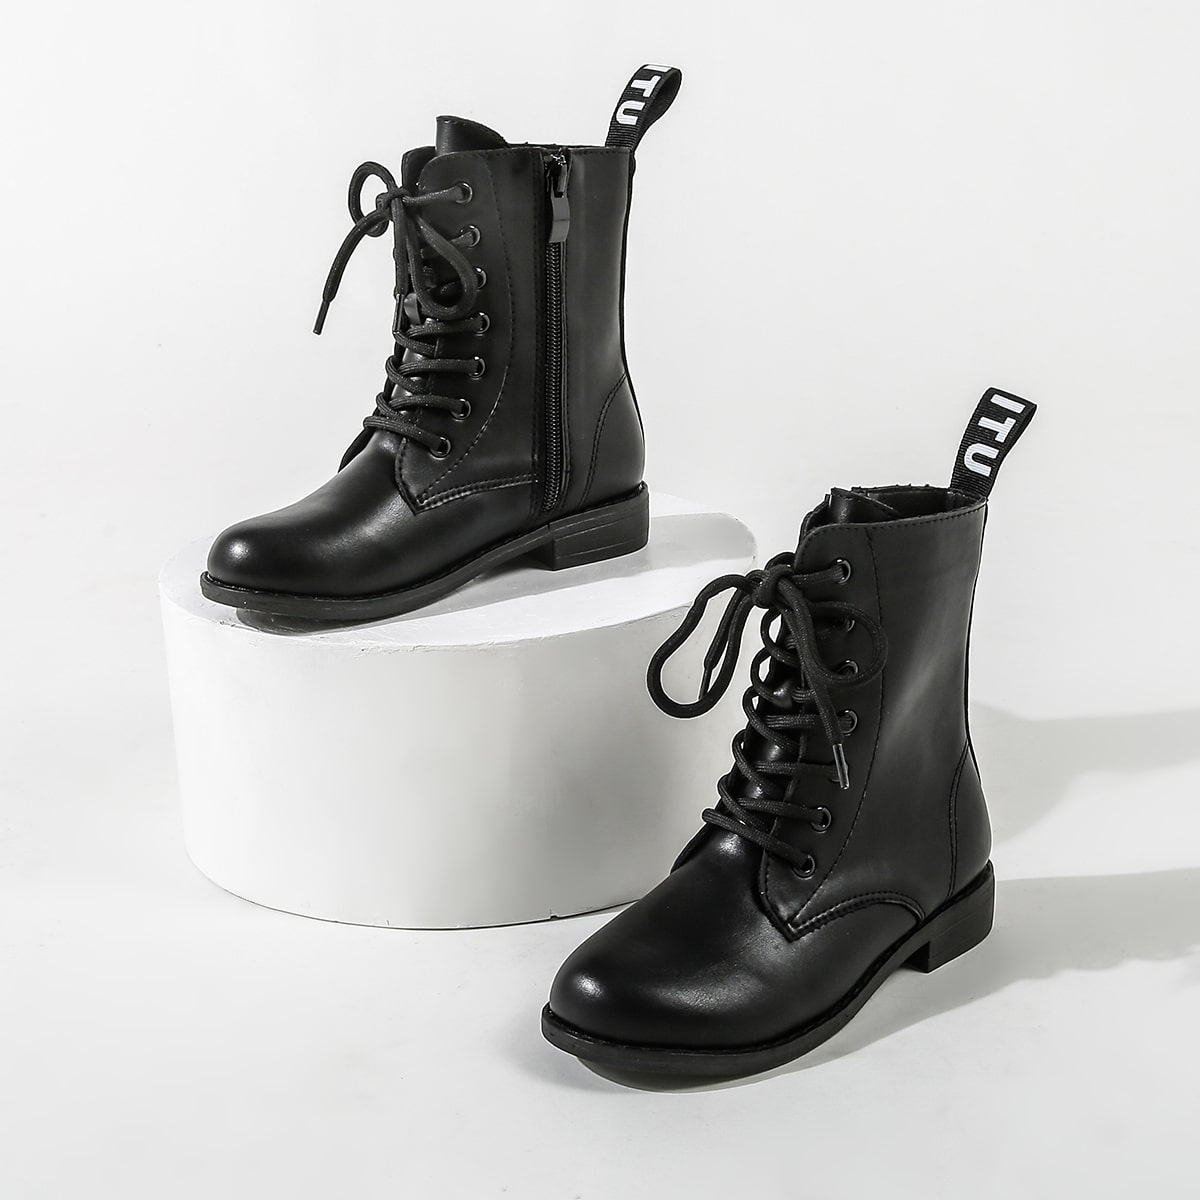 Сапоги с молнией на шнурках для девочек